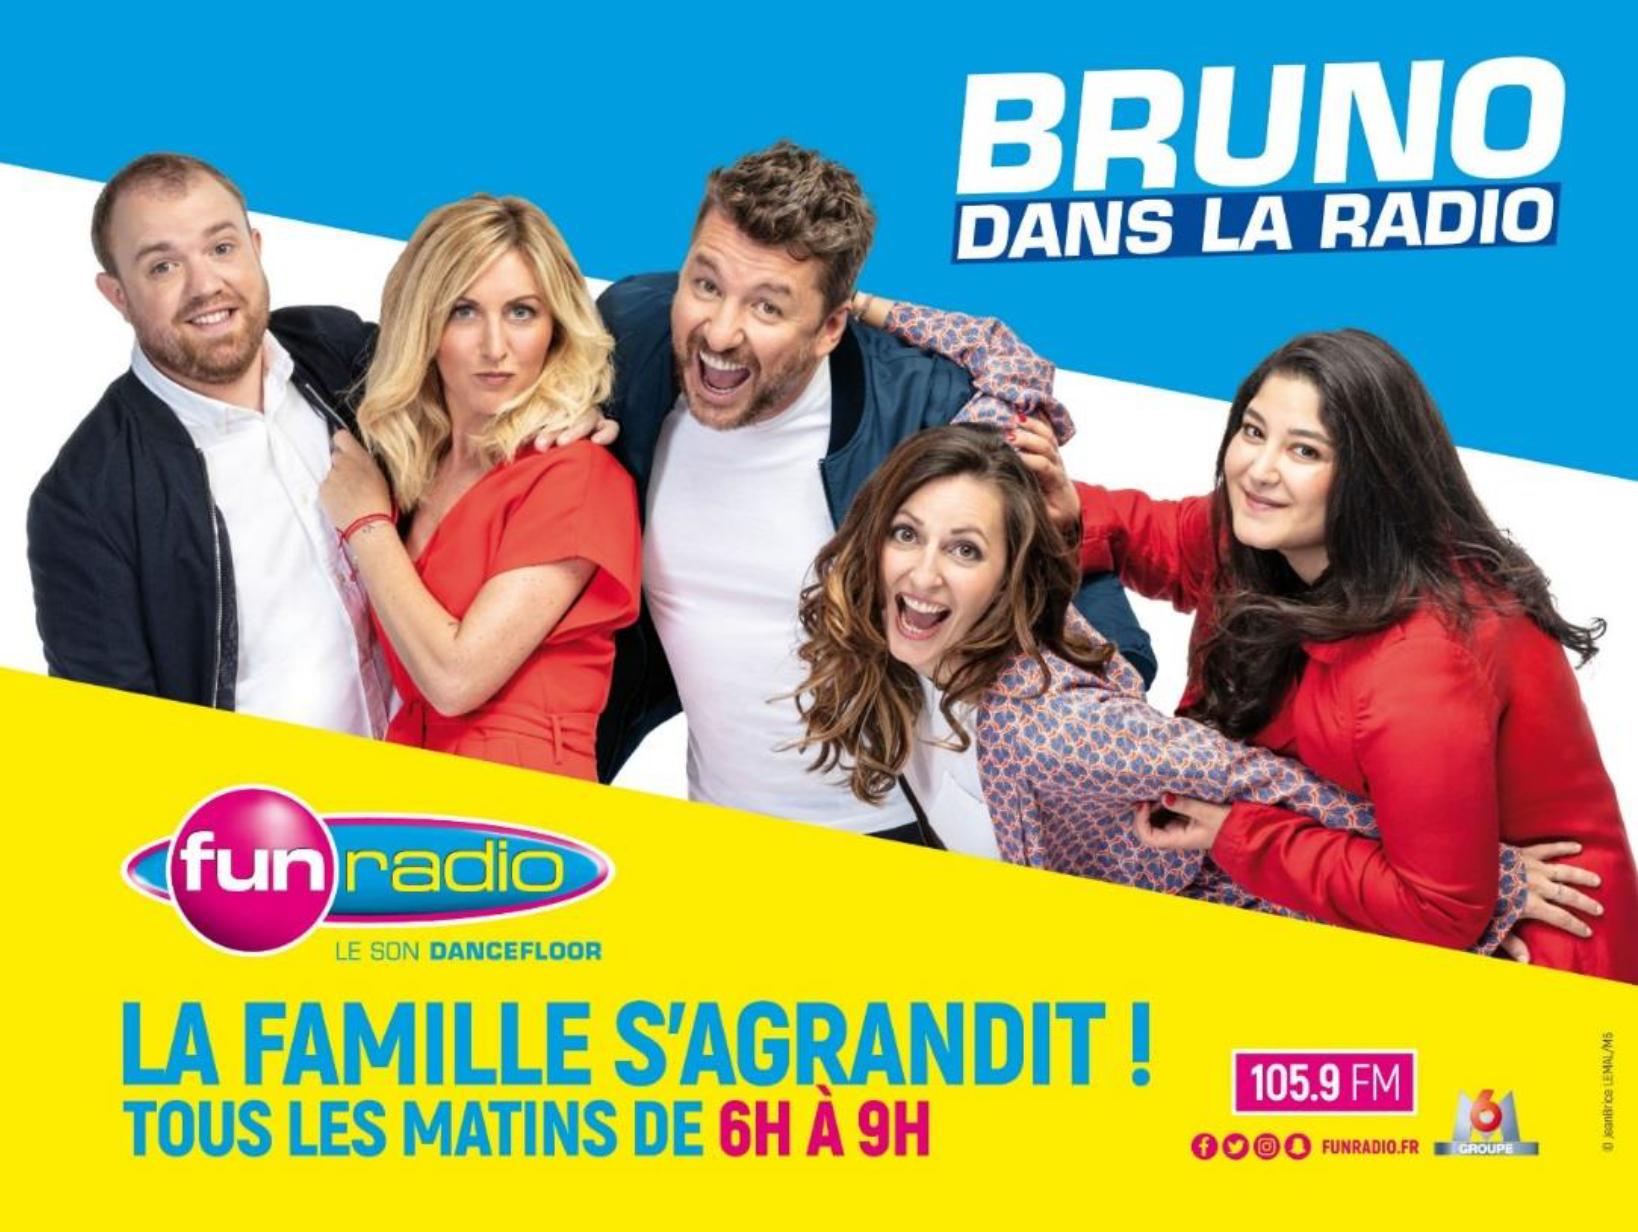 Fun Radio : une campagne pour promouvoir la matinale